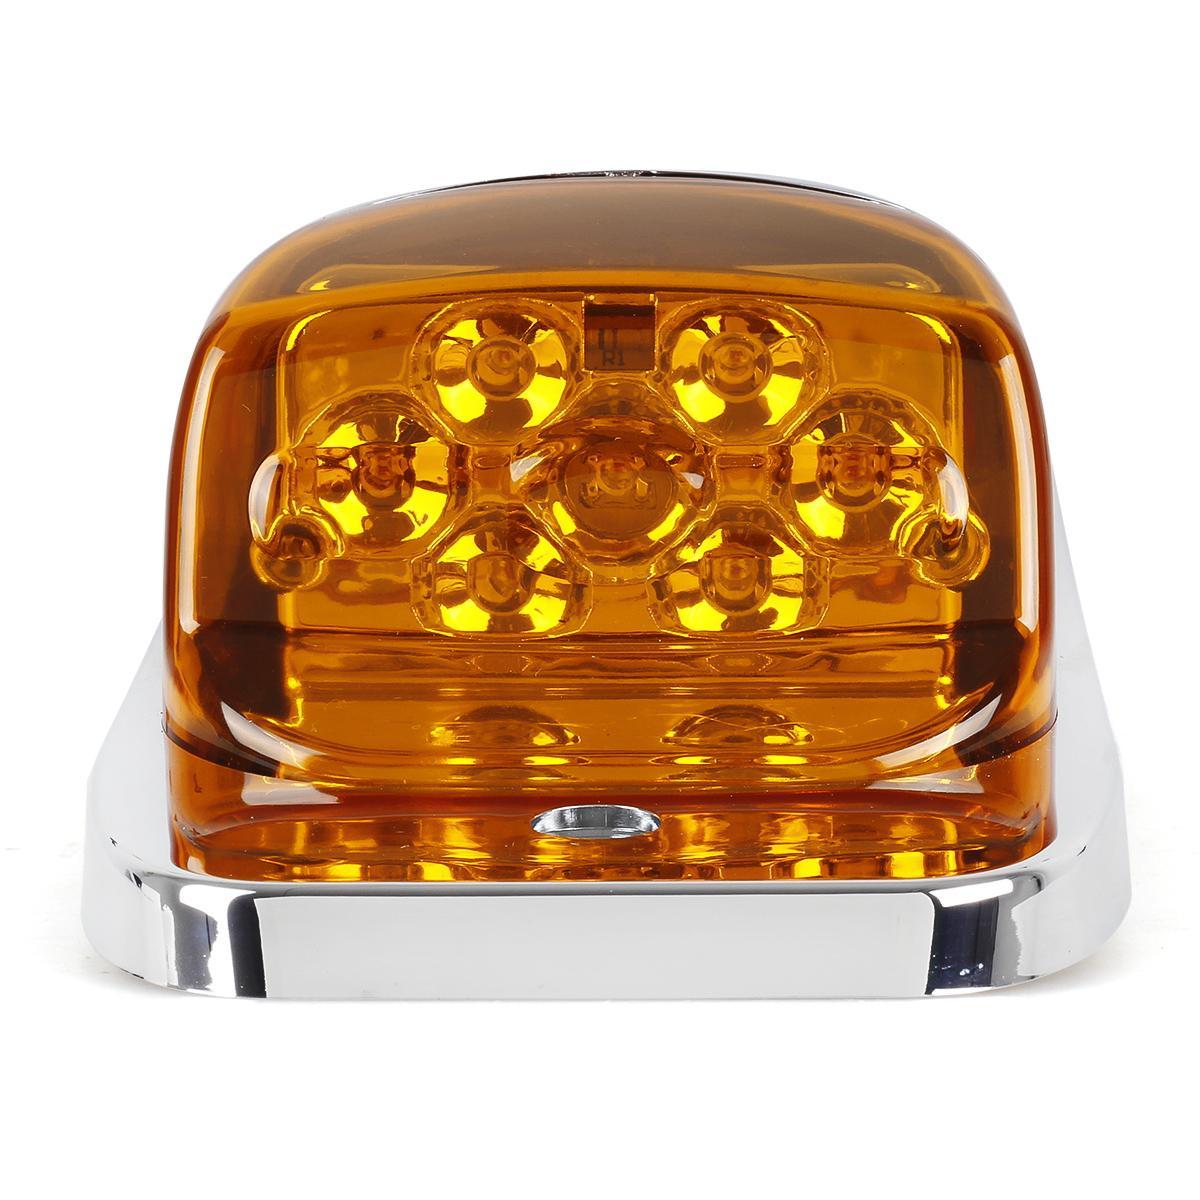 5xchrome amber 7 led upper cab marker lights for peterbilt. Black Bedroom Furniture Sets. Home Design Ideas